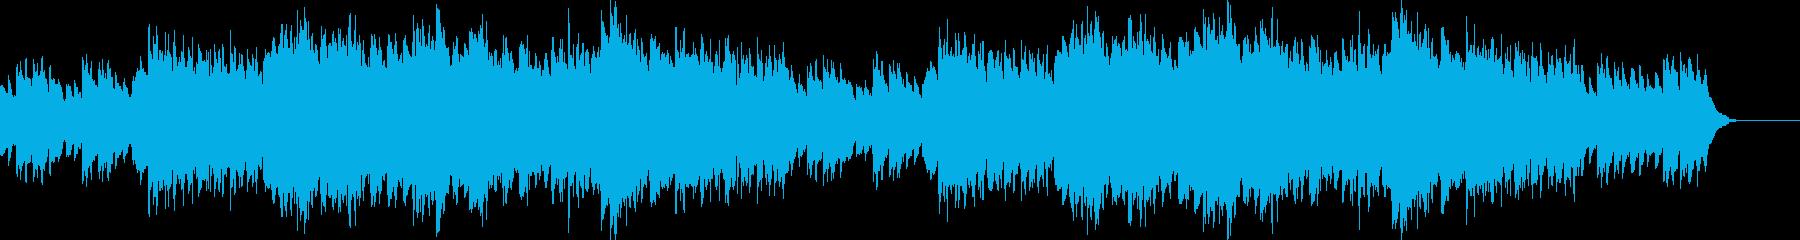 のどか・牧歌的・感動自然(花畑・海・山)の再生済みの波形